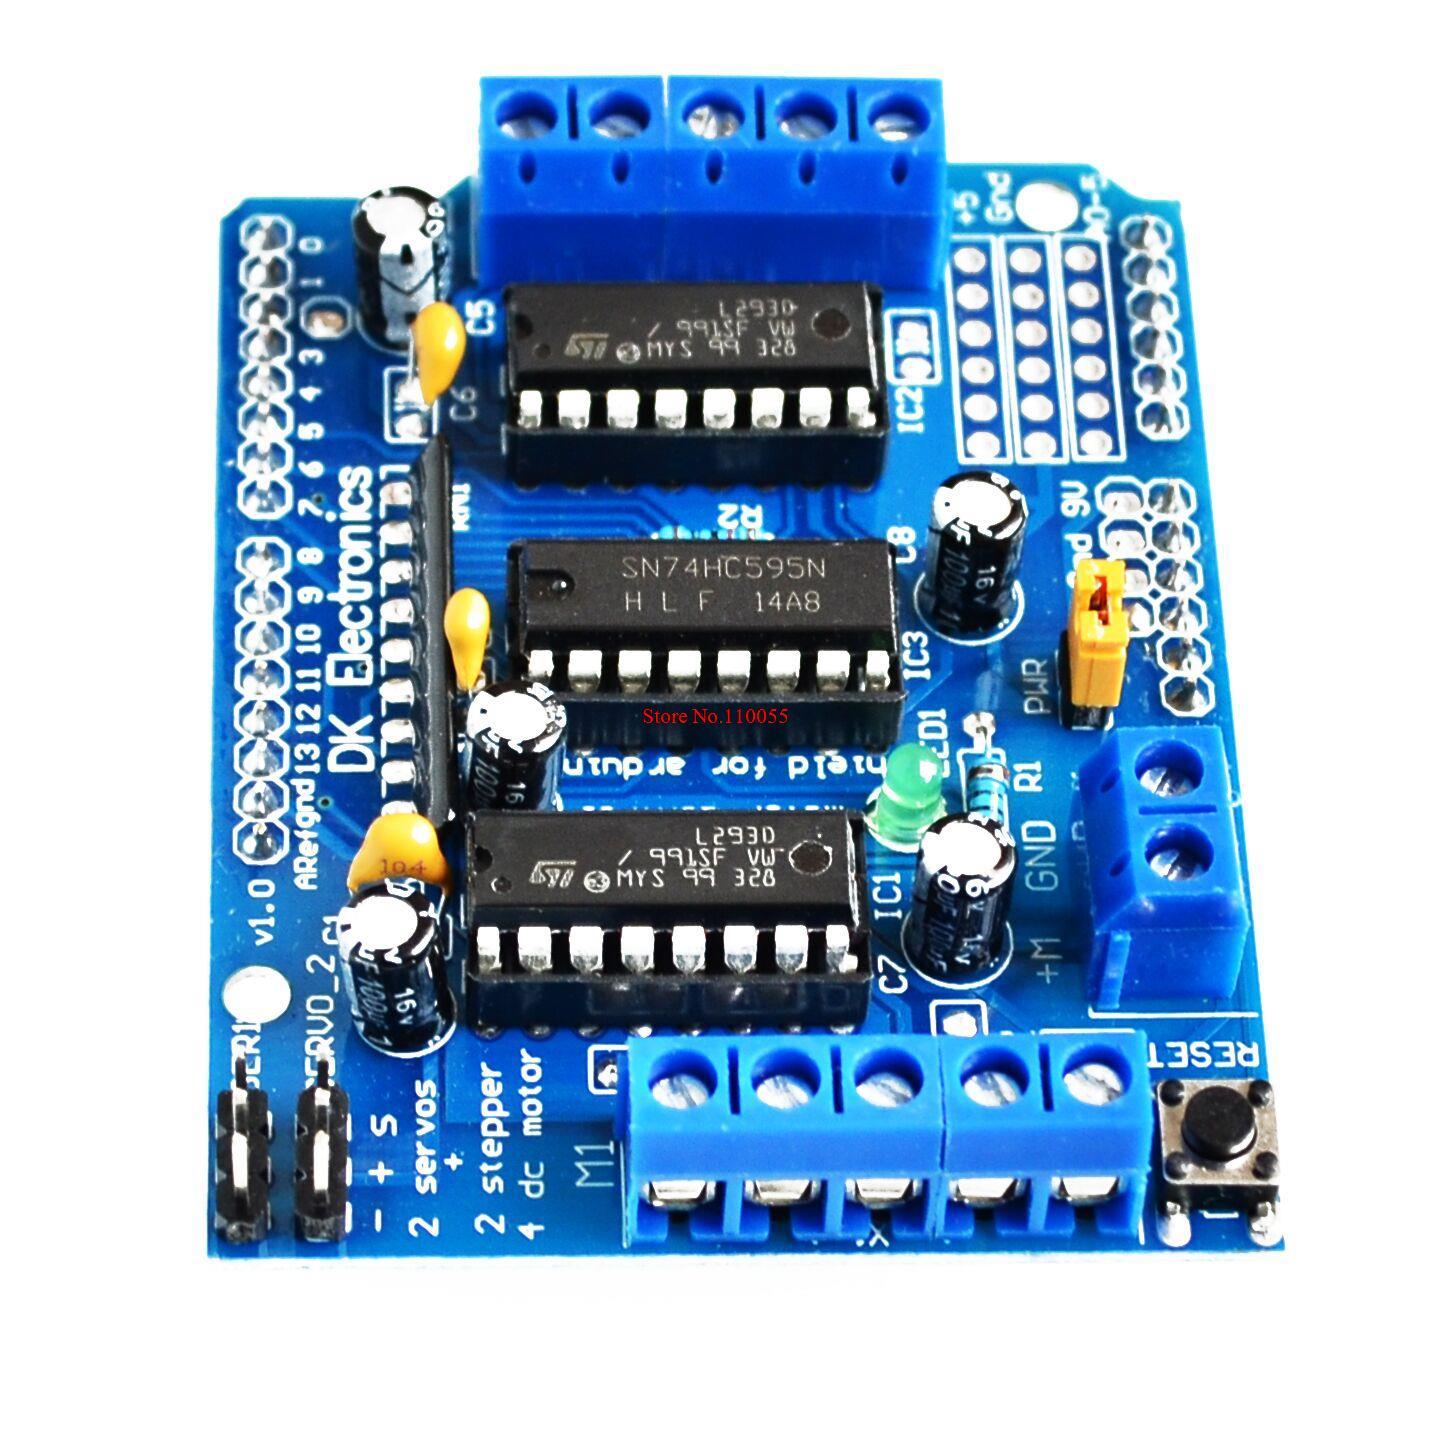 Большая скидка 20 шт./лот щит для моторного привода L293D для Duemilanove Mega / UNO, Drop